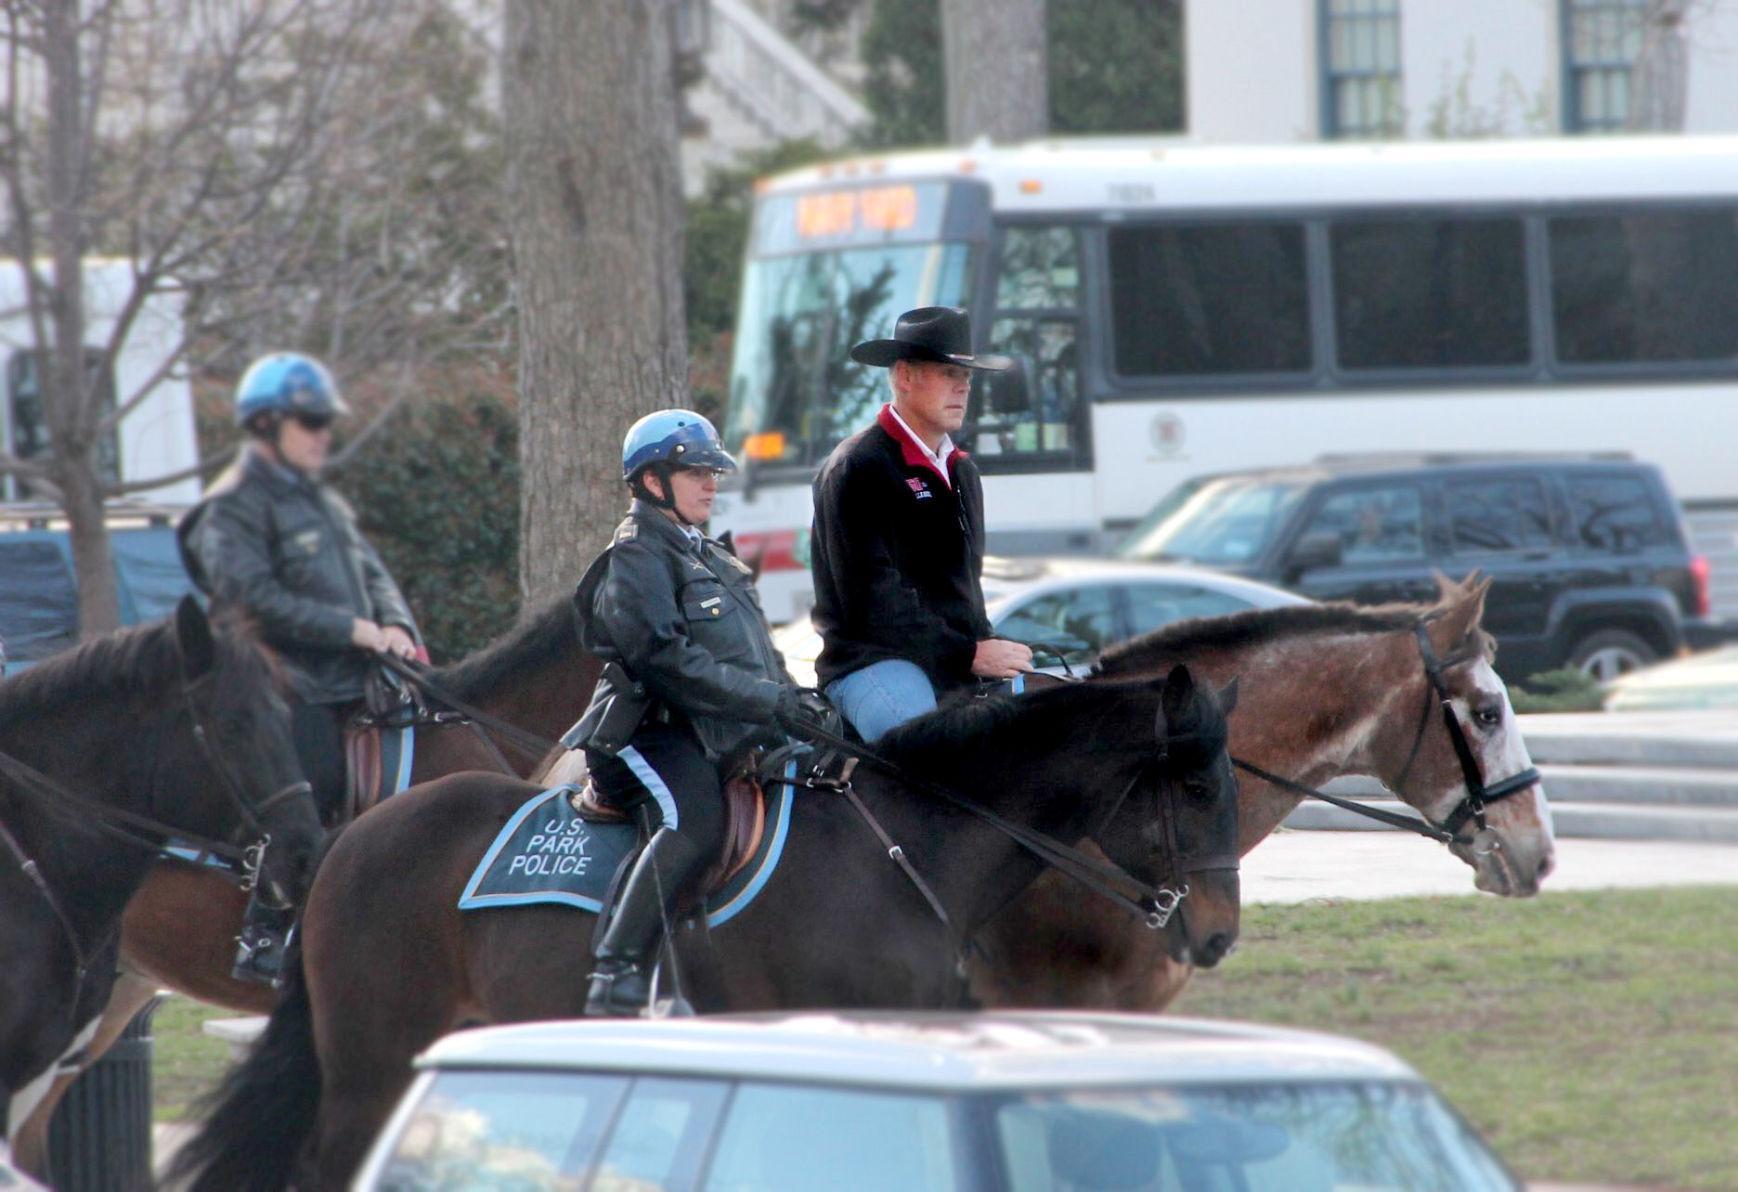 Zinke riding horse